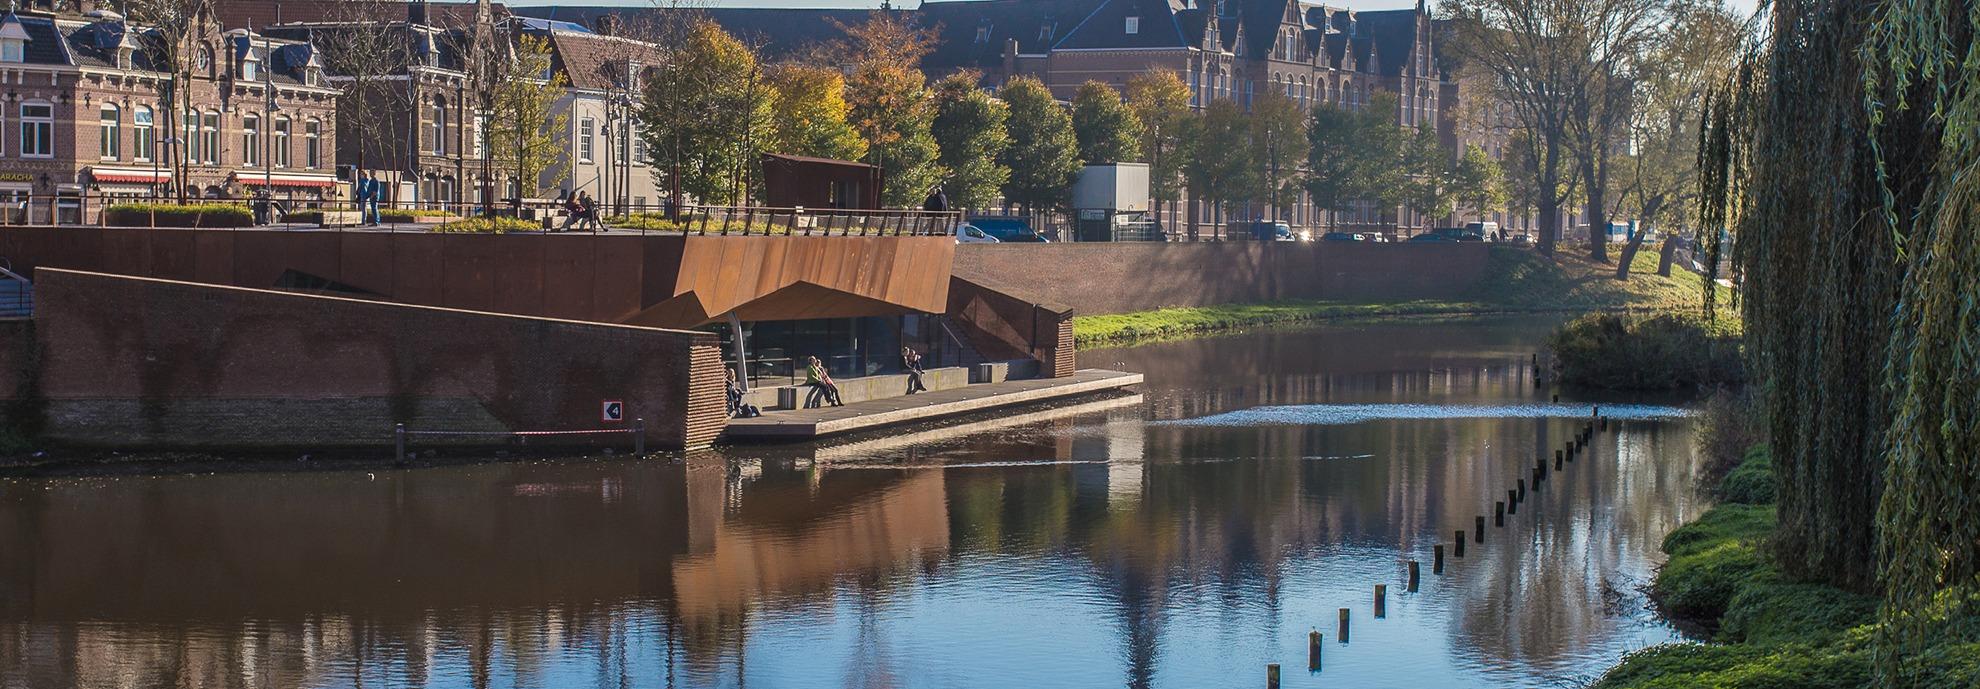 Vacatures Midden-Brabant, Vacatures in regio Den Bosch, Vacatures in Noord Brabant, LEF Recruitment, Recruitment Den Bosch, solliciteren den Bosch, Accountmanager vacatures,